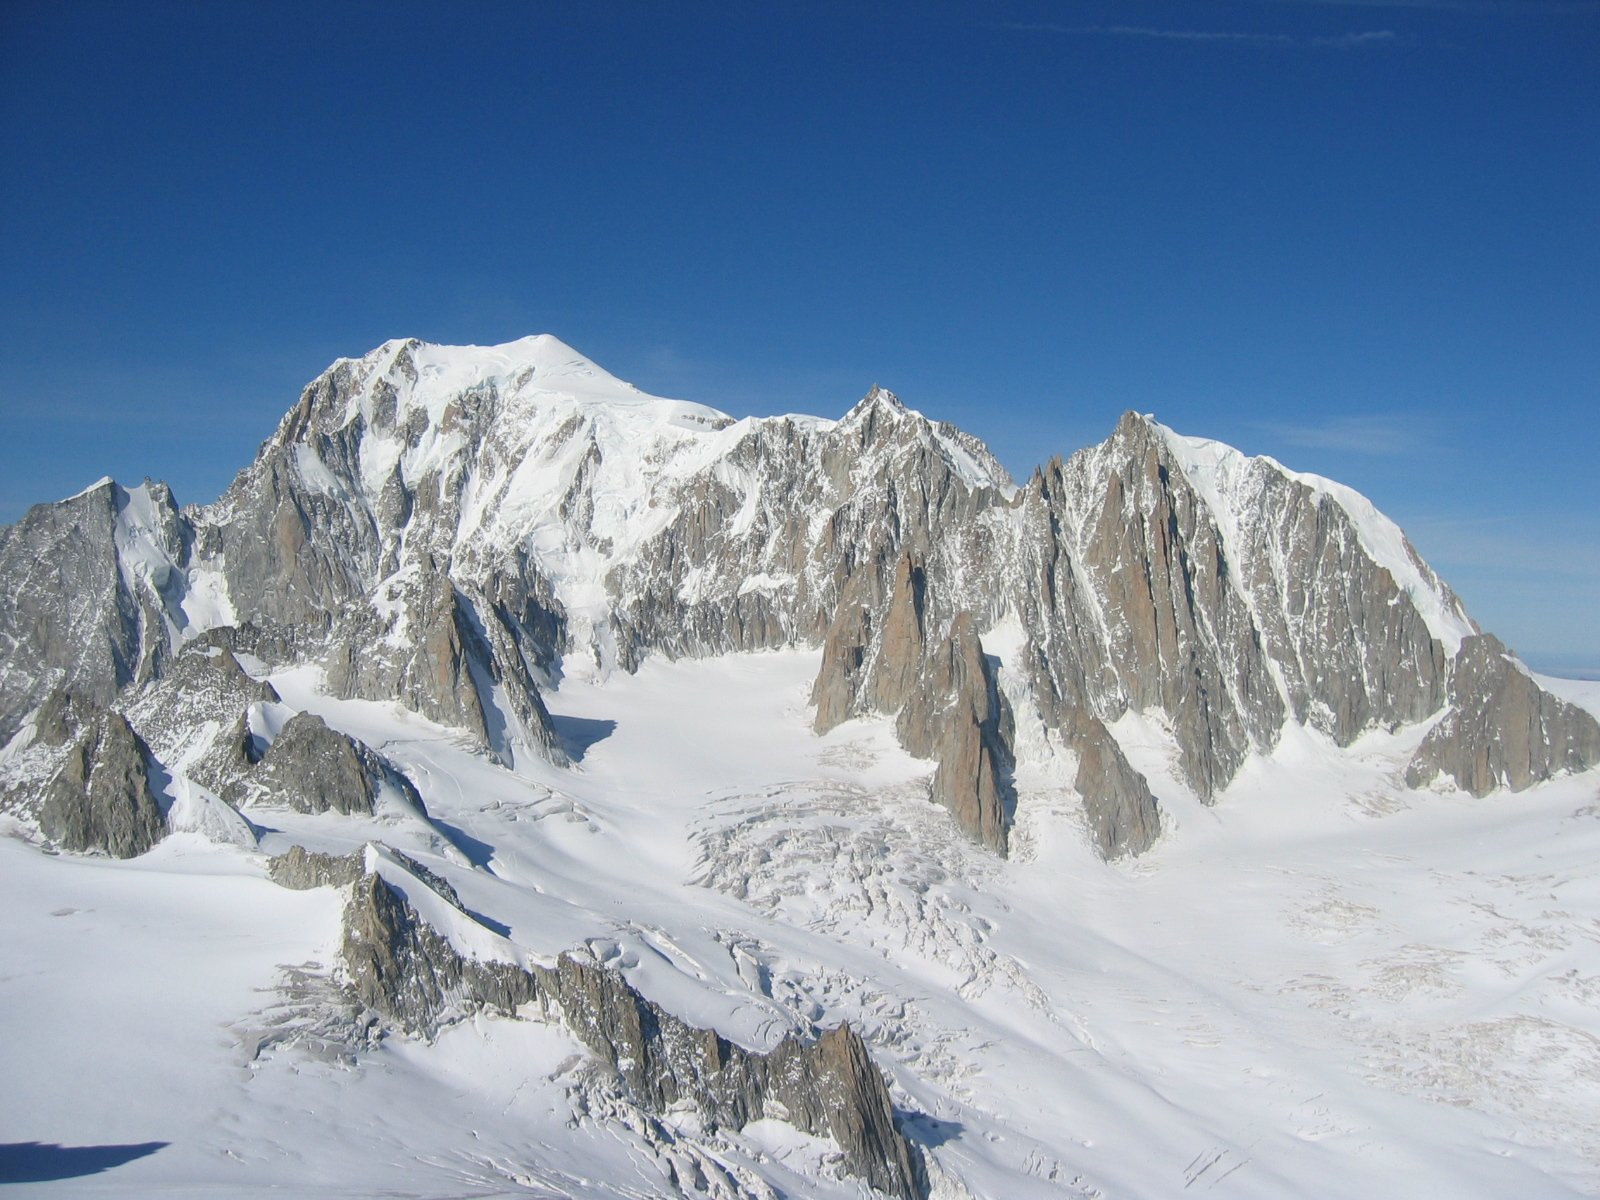 Mont_Blanc,_Mont_Maudit,_Mont_Blanc_du_Tacul